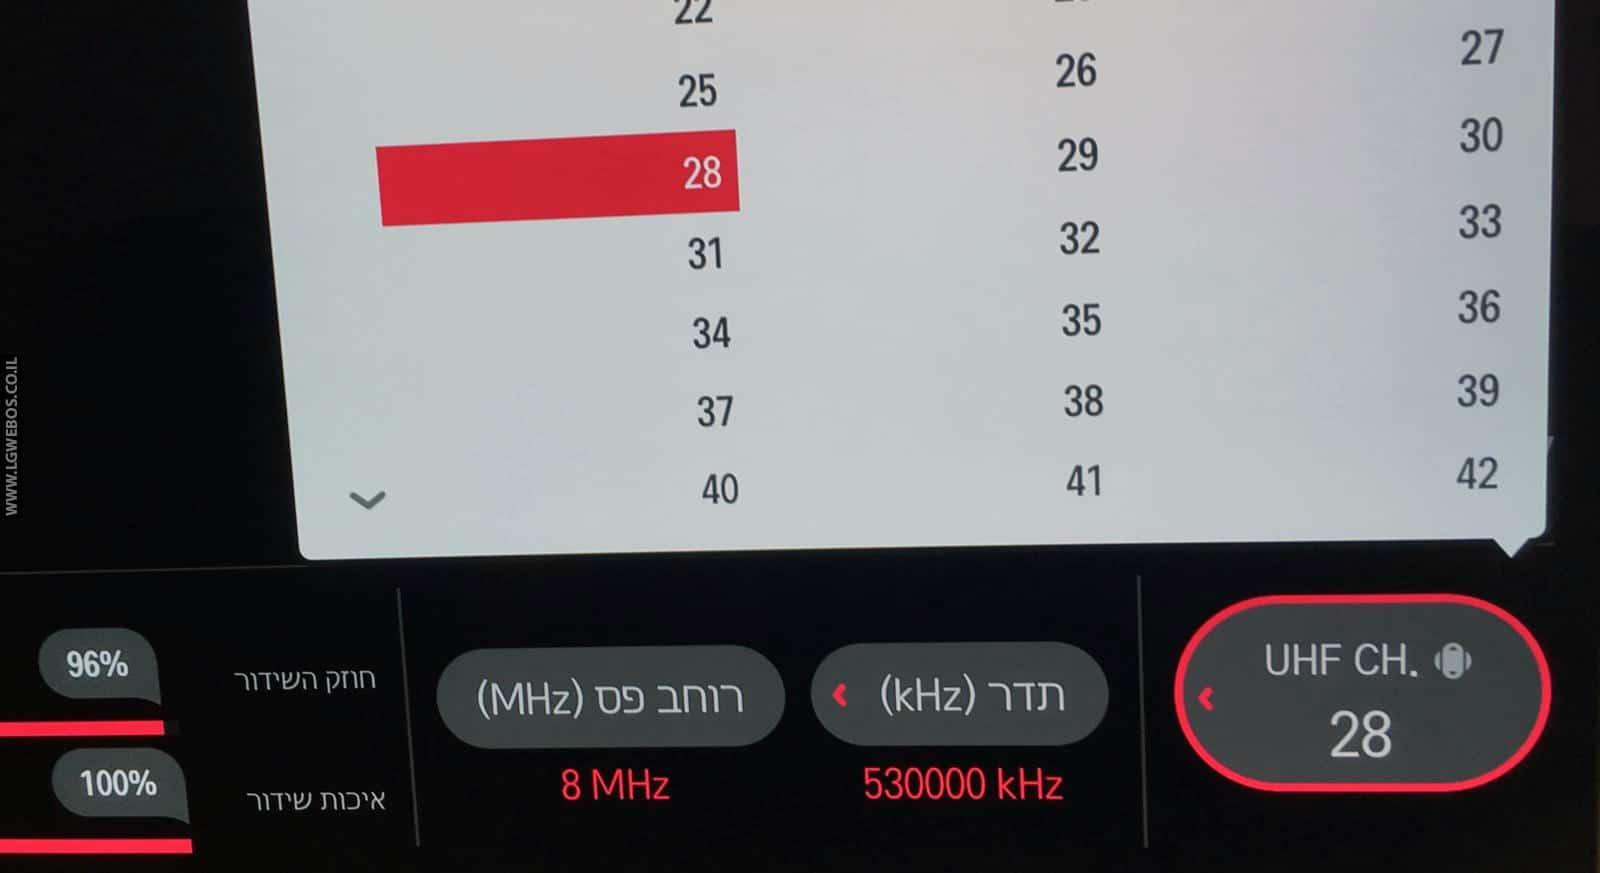 מודרני עידן פלוס בטלוויזיות LG – LG WebOS Smart TV Israel TV-97